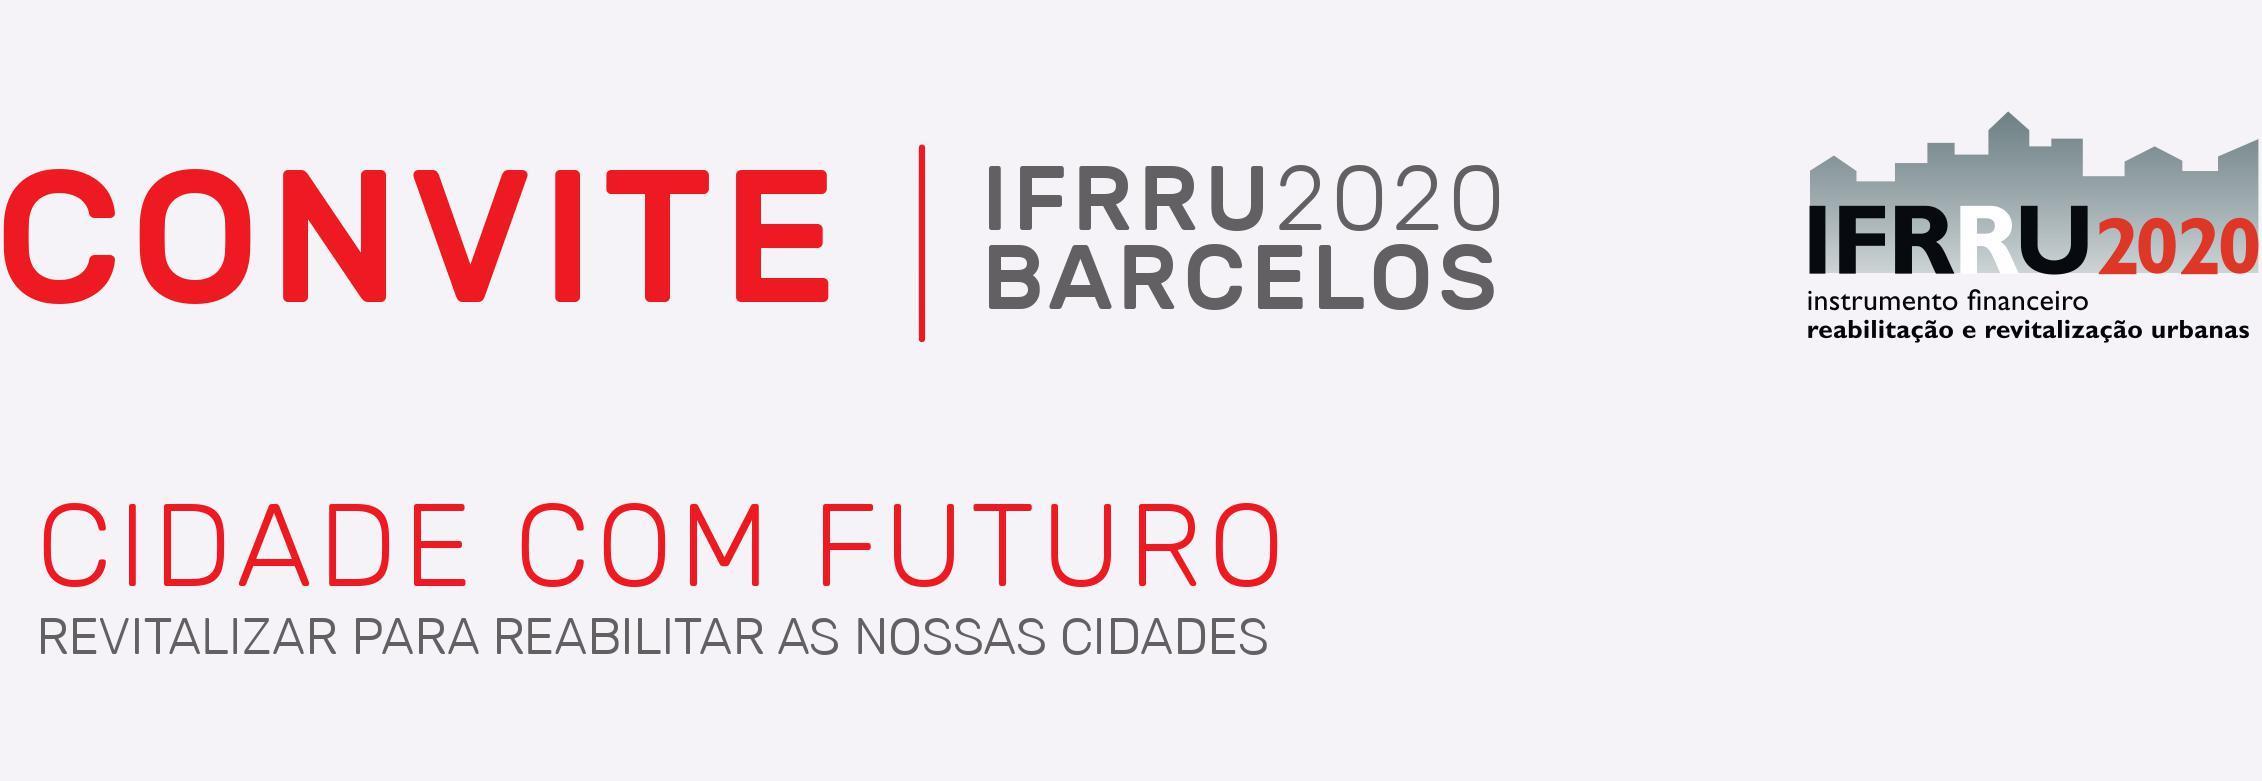 Sessão de esclarecimento sobre programa de financiamento IFRRU 2020